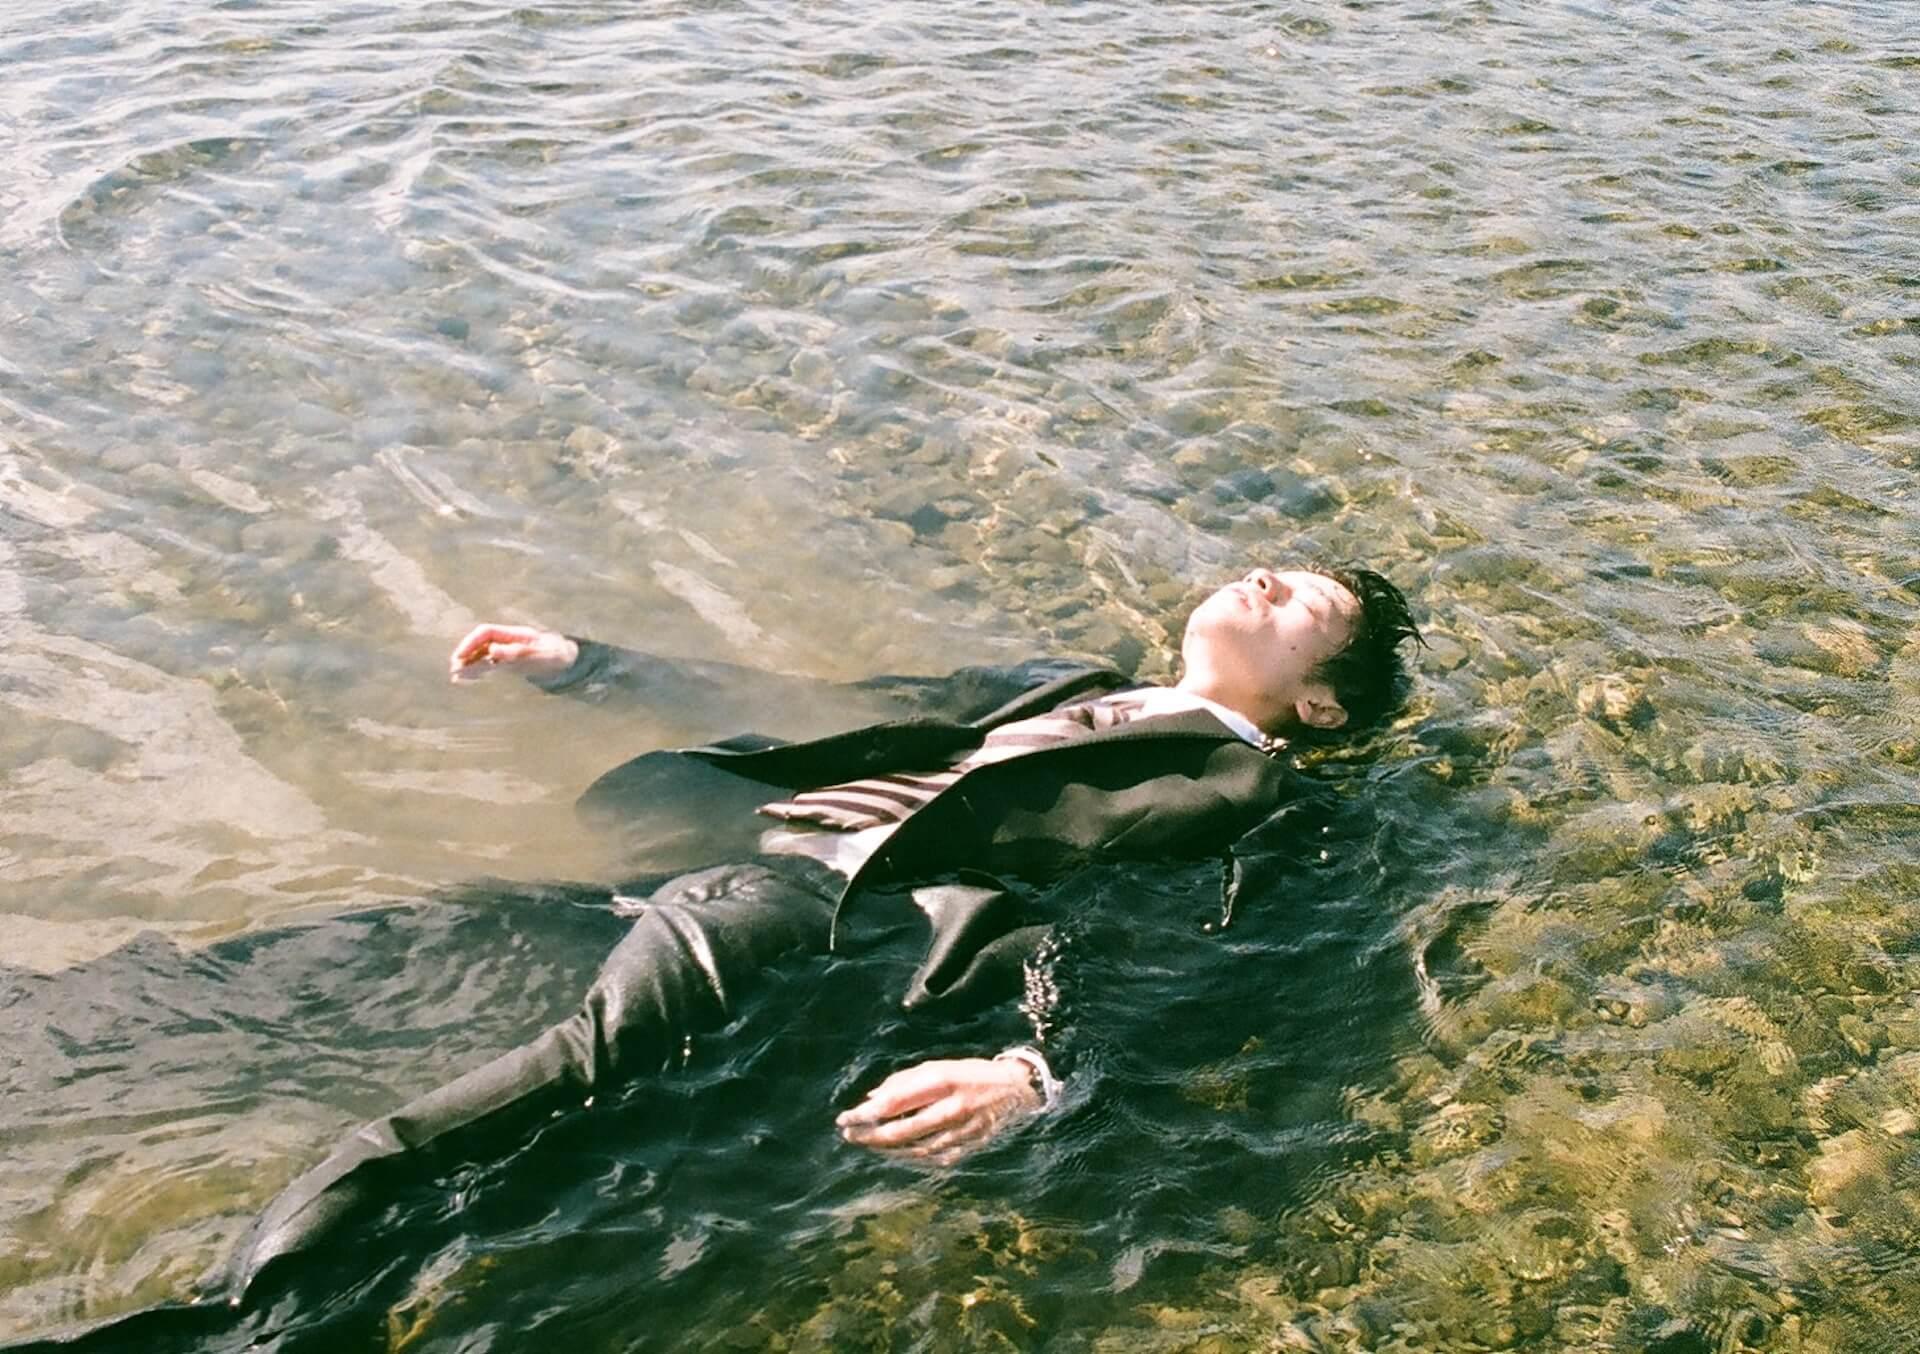 どうも東京の人にはなれなかったらしい|「24歳と4ヶ月の朝は乾いてた」 rarara-24-4-4